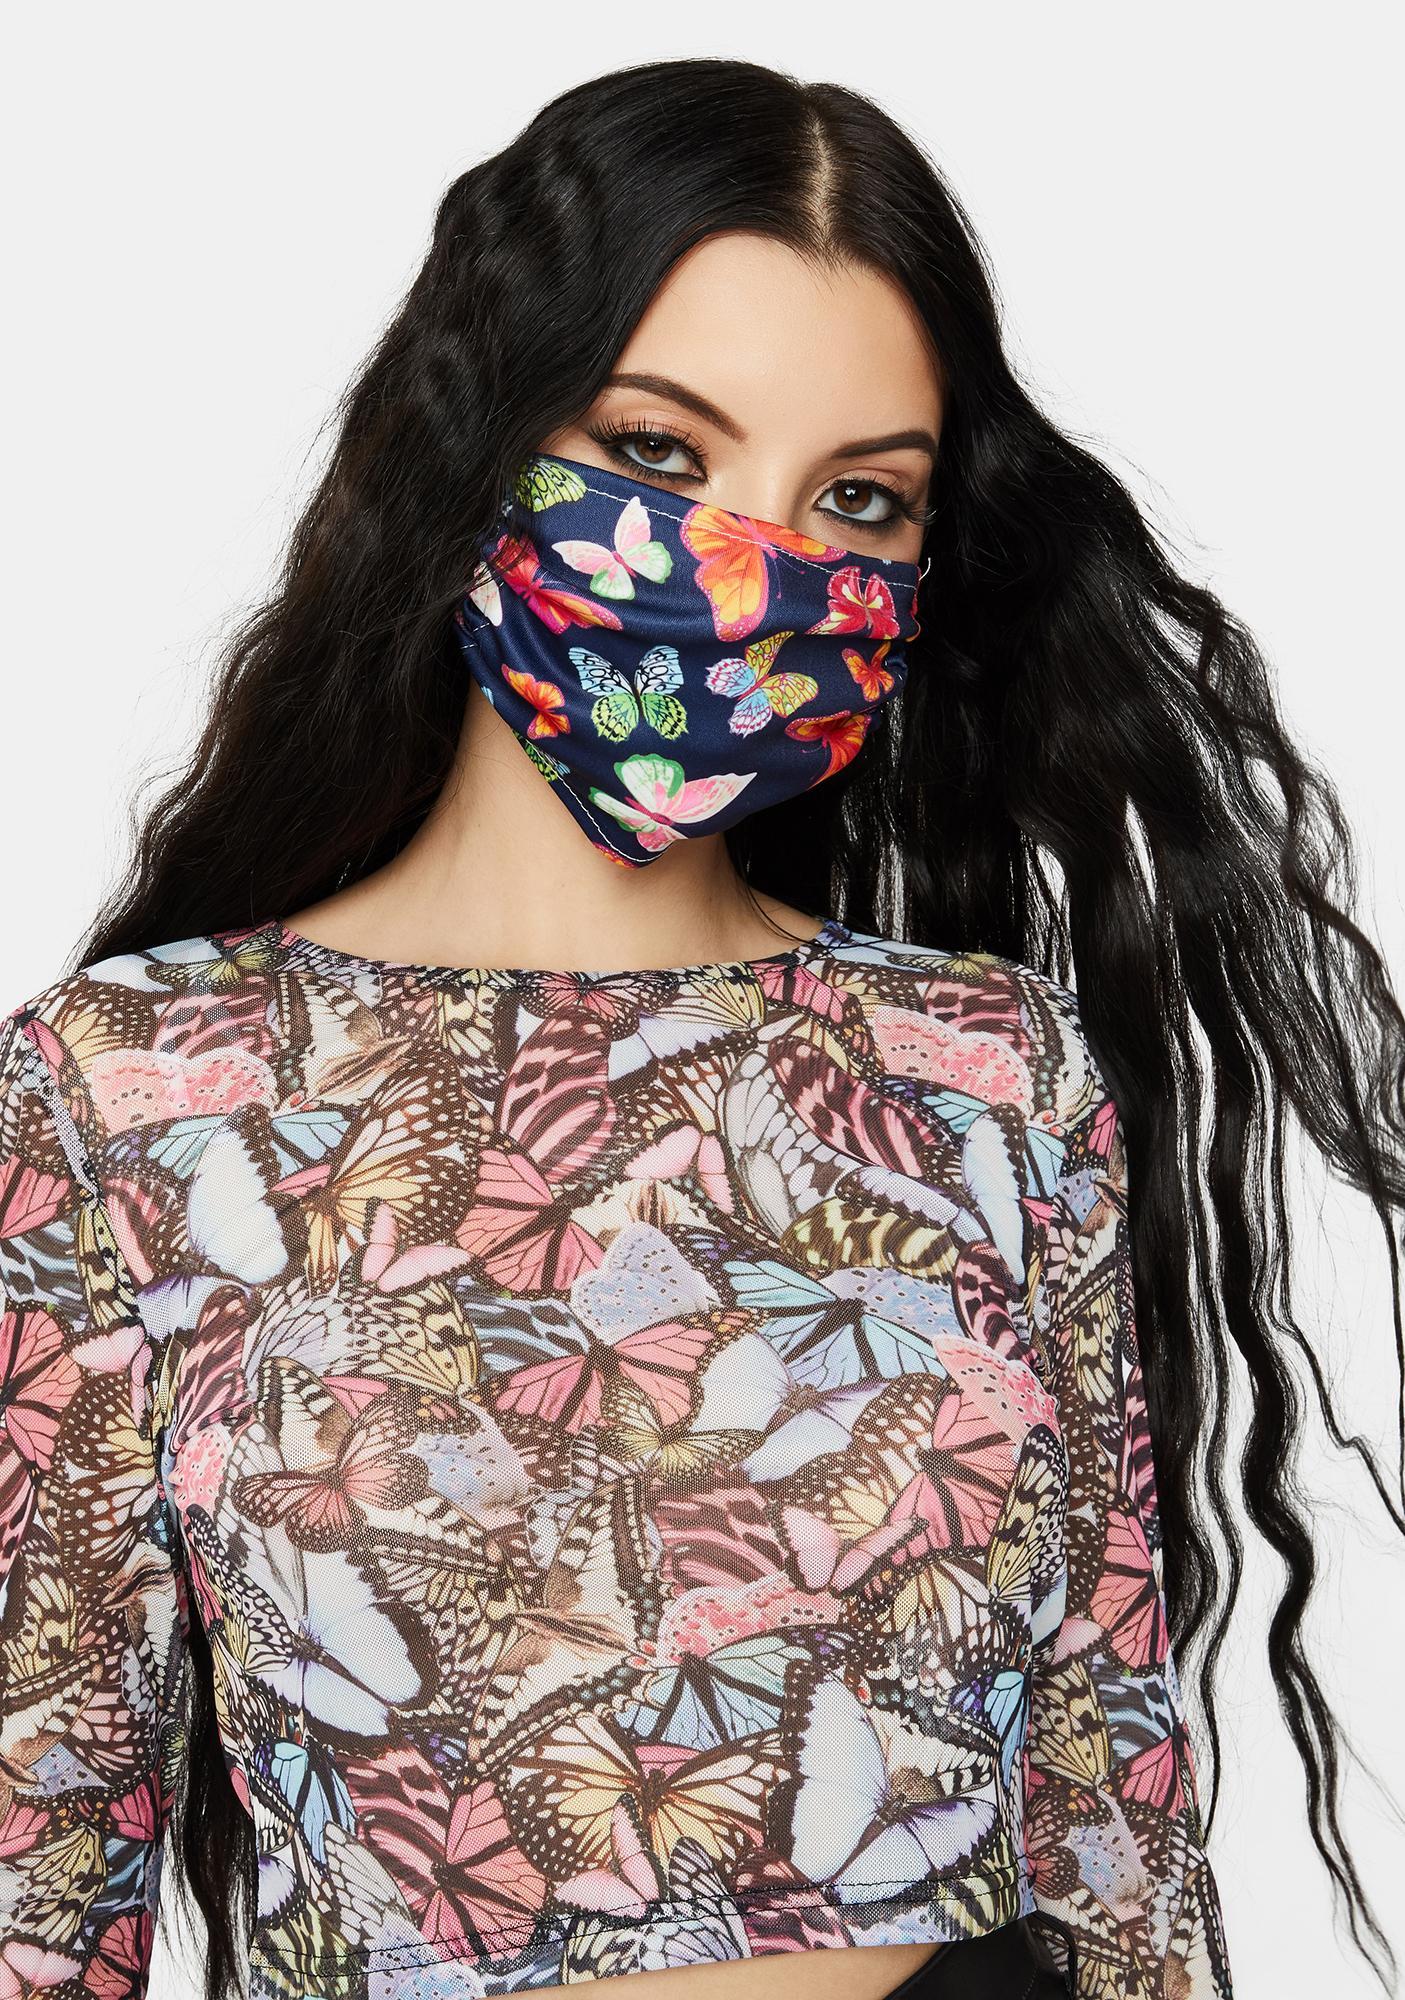 Butterfly Hottie Face Mask